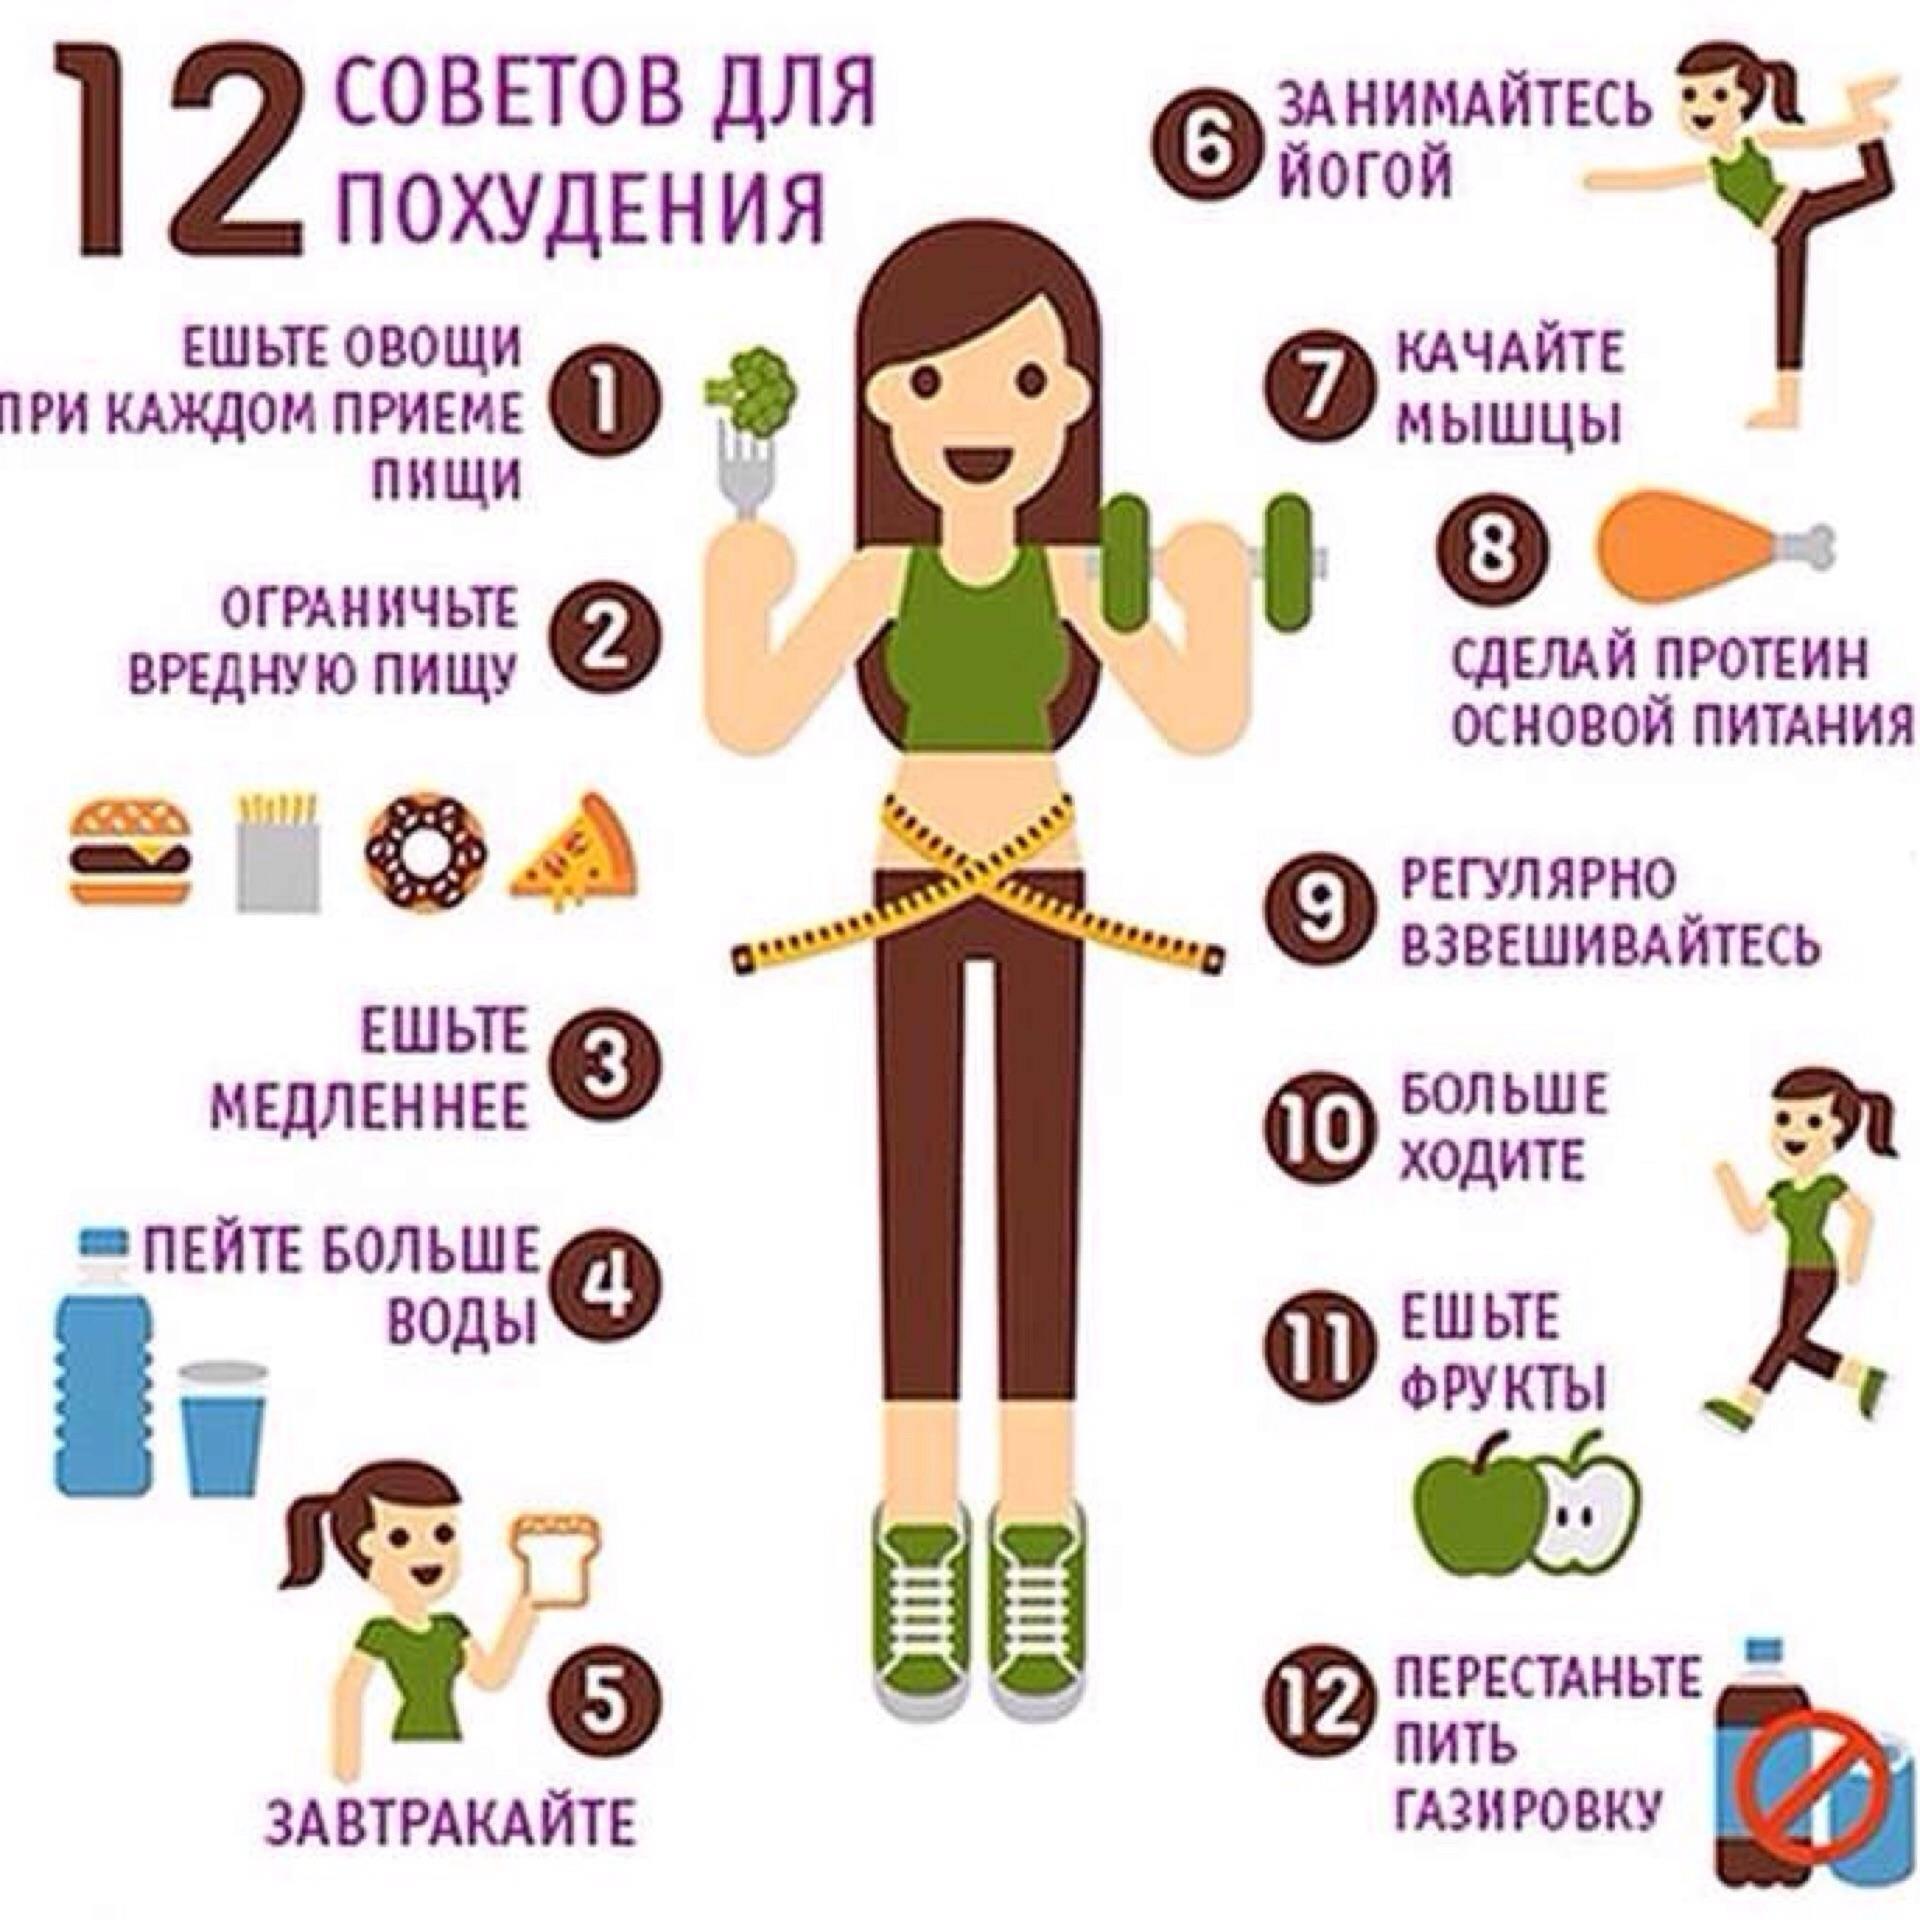 Стоит вес при похудении: 5 советов для преодоления плато